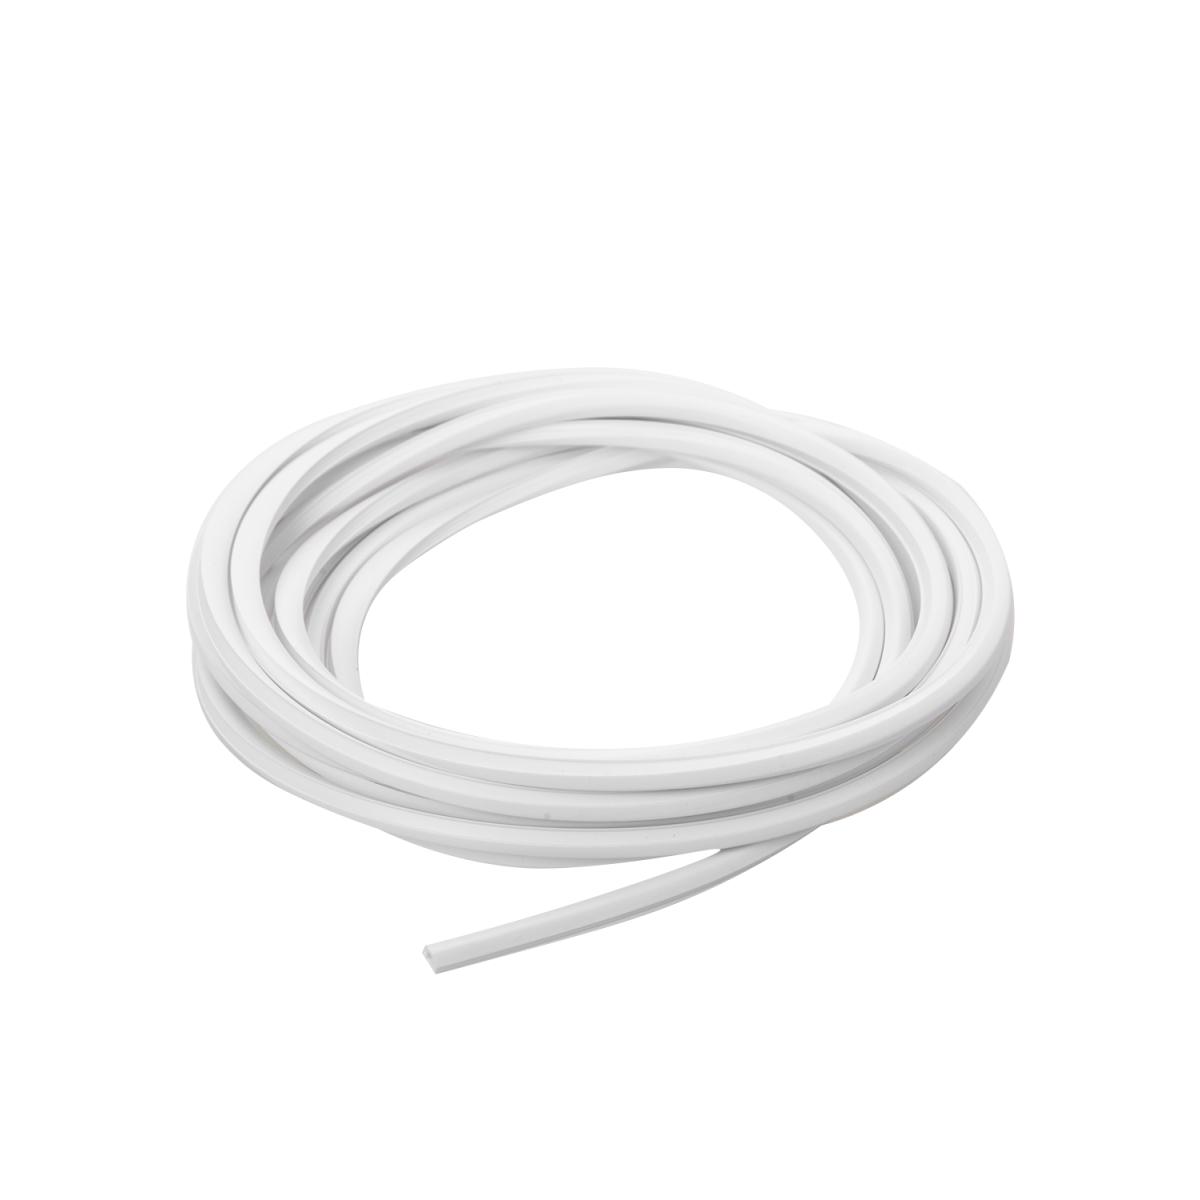 Заглушка для оконного профиля цвет белый 4 м/уп.